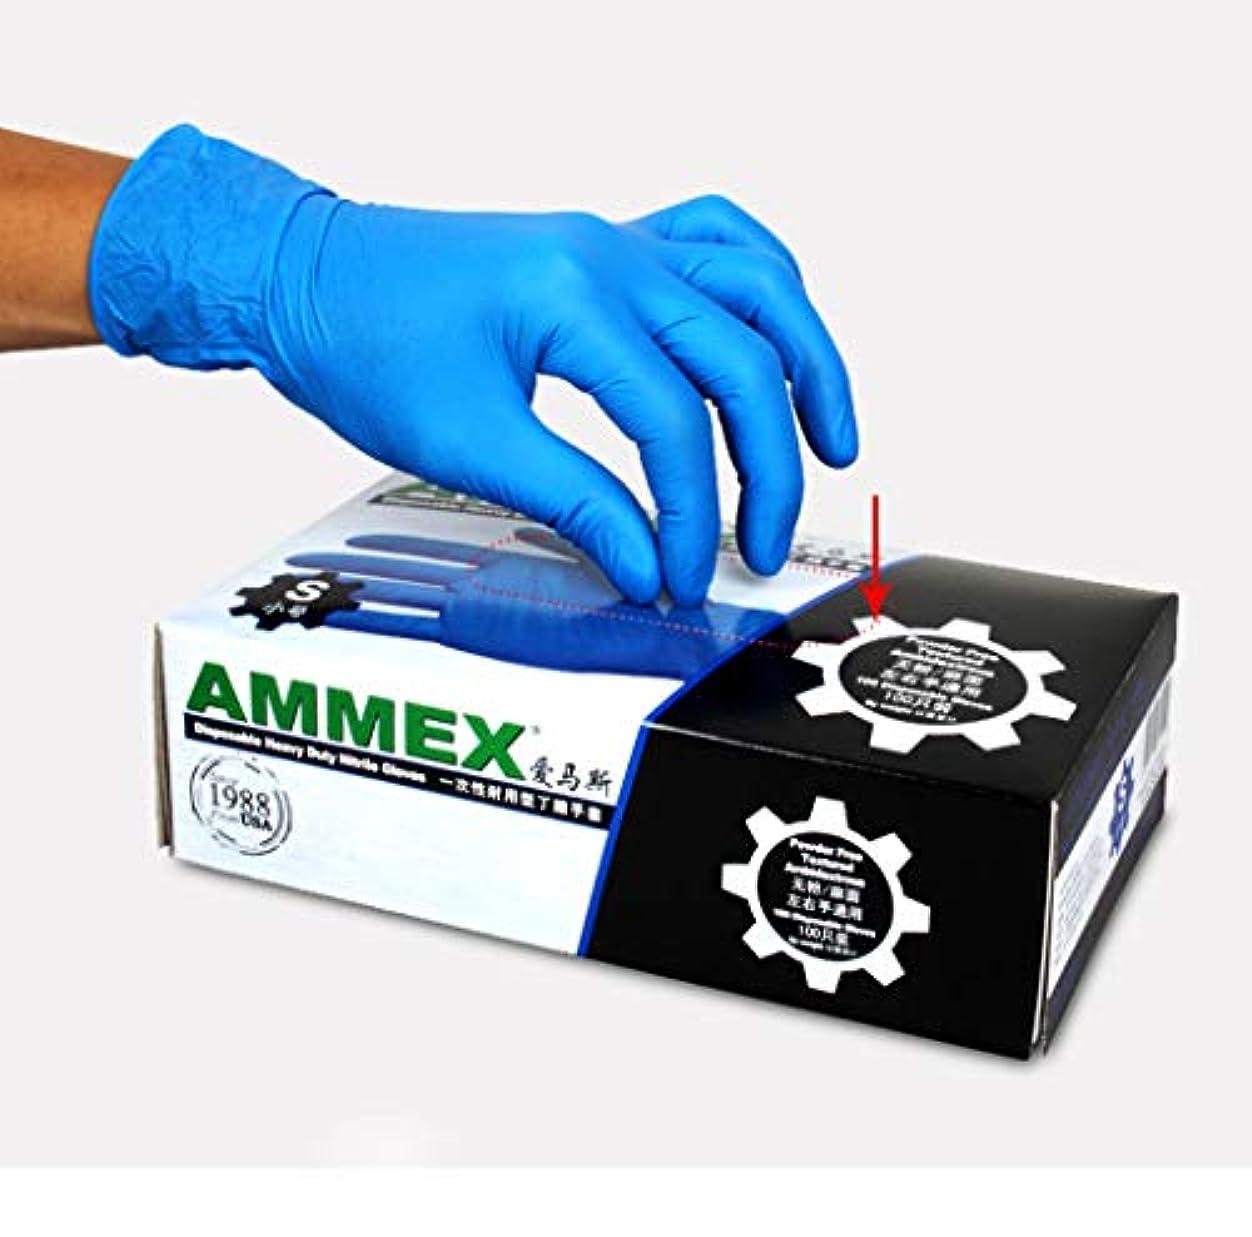 ビヨンウェブクランシー使い捨て手袋、粉末フリー、食品グレードの手袋、青、ラテックスフリー、手袋、100 / Box,S100/Box